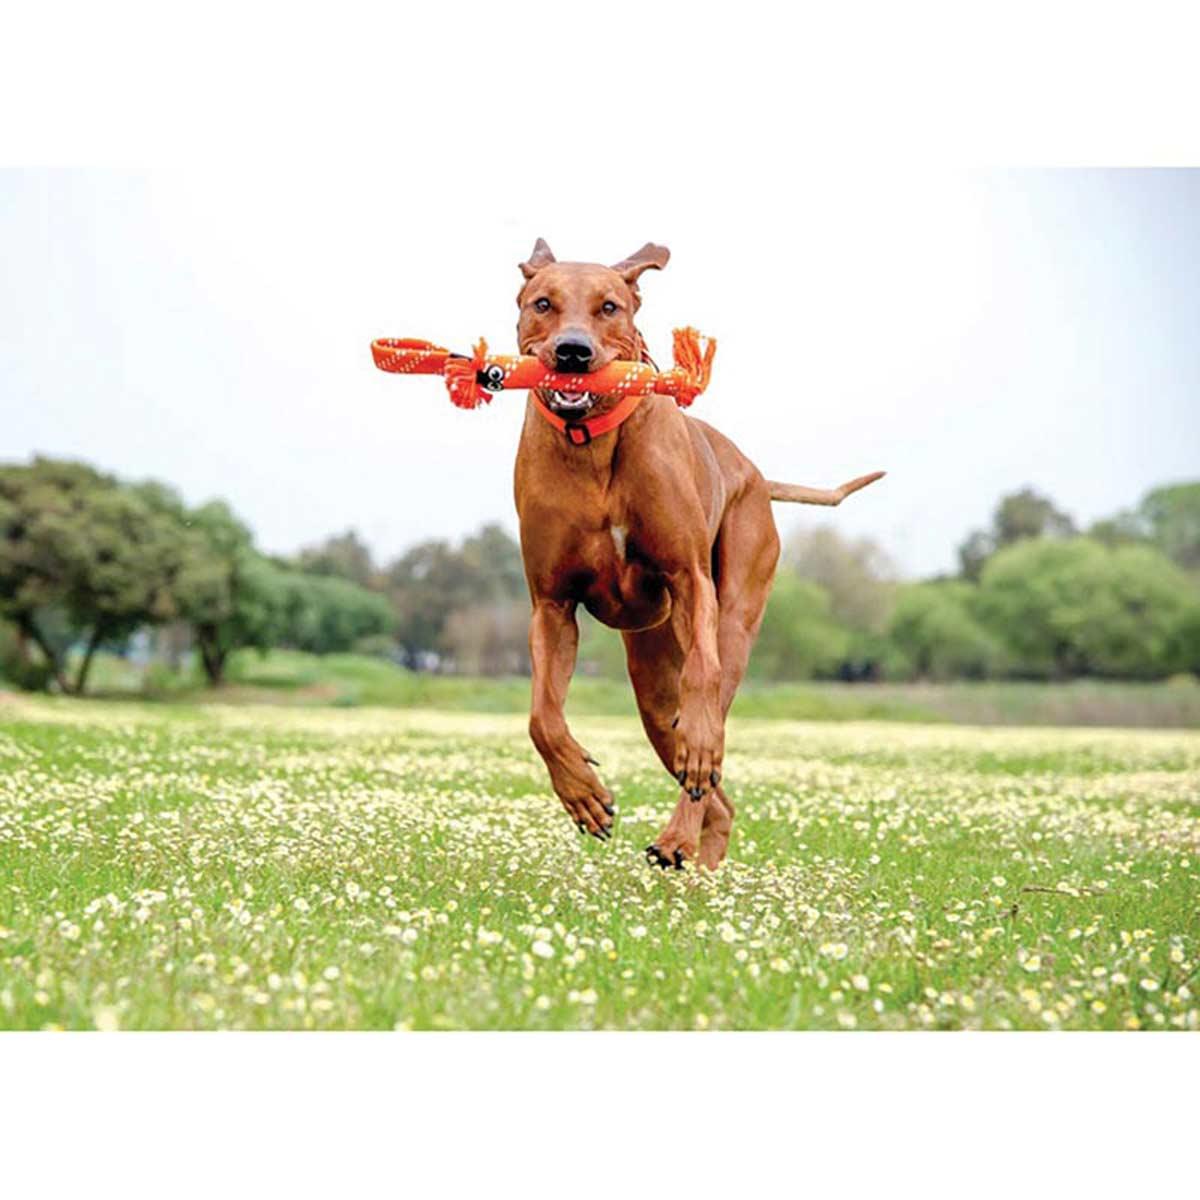 Dog running with ROGZ Scrubz Large Dog Toy